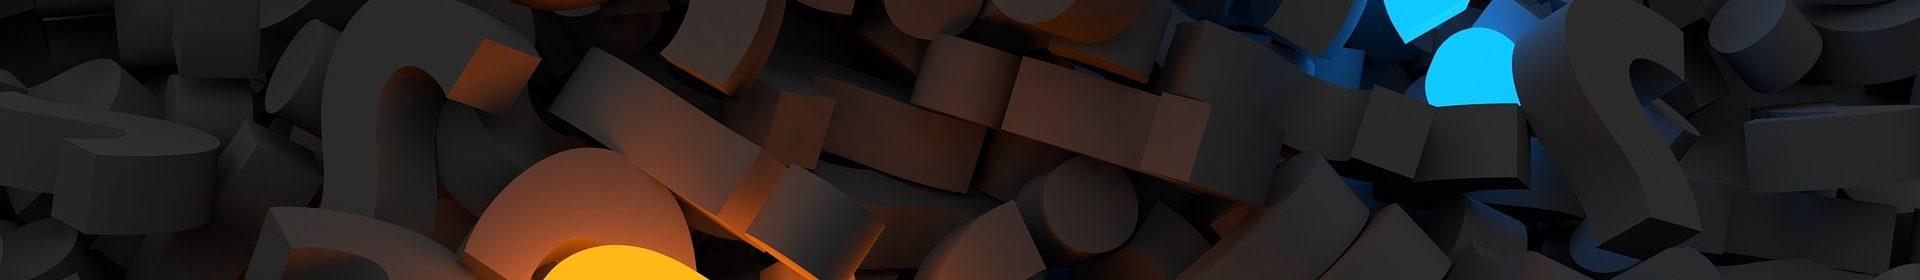 elodie cabrera - kinésiologue certifiee - kinesiologue professionnelle - kinesiologue nice - kinesiologie nice - sante par le toucher - touch for health - niromathe - niromathe nice - access bars - access bars nice - fleurs de bach - therapie cranio sacree - brain gym - gestion des emotions - gestion du stress - developpement personnel - stress - lacher prise - prendre soin de soi - pose des mots sur tes maux